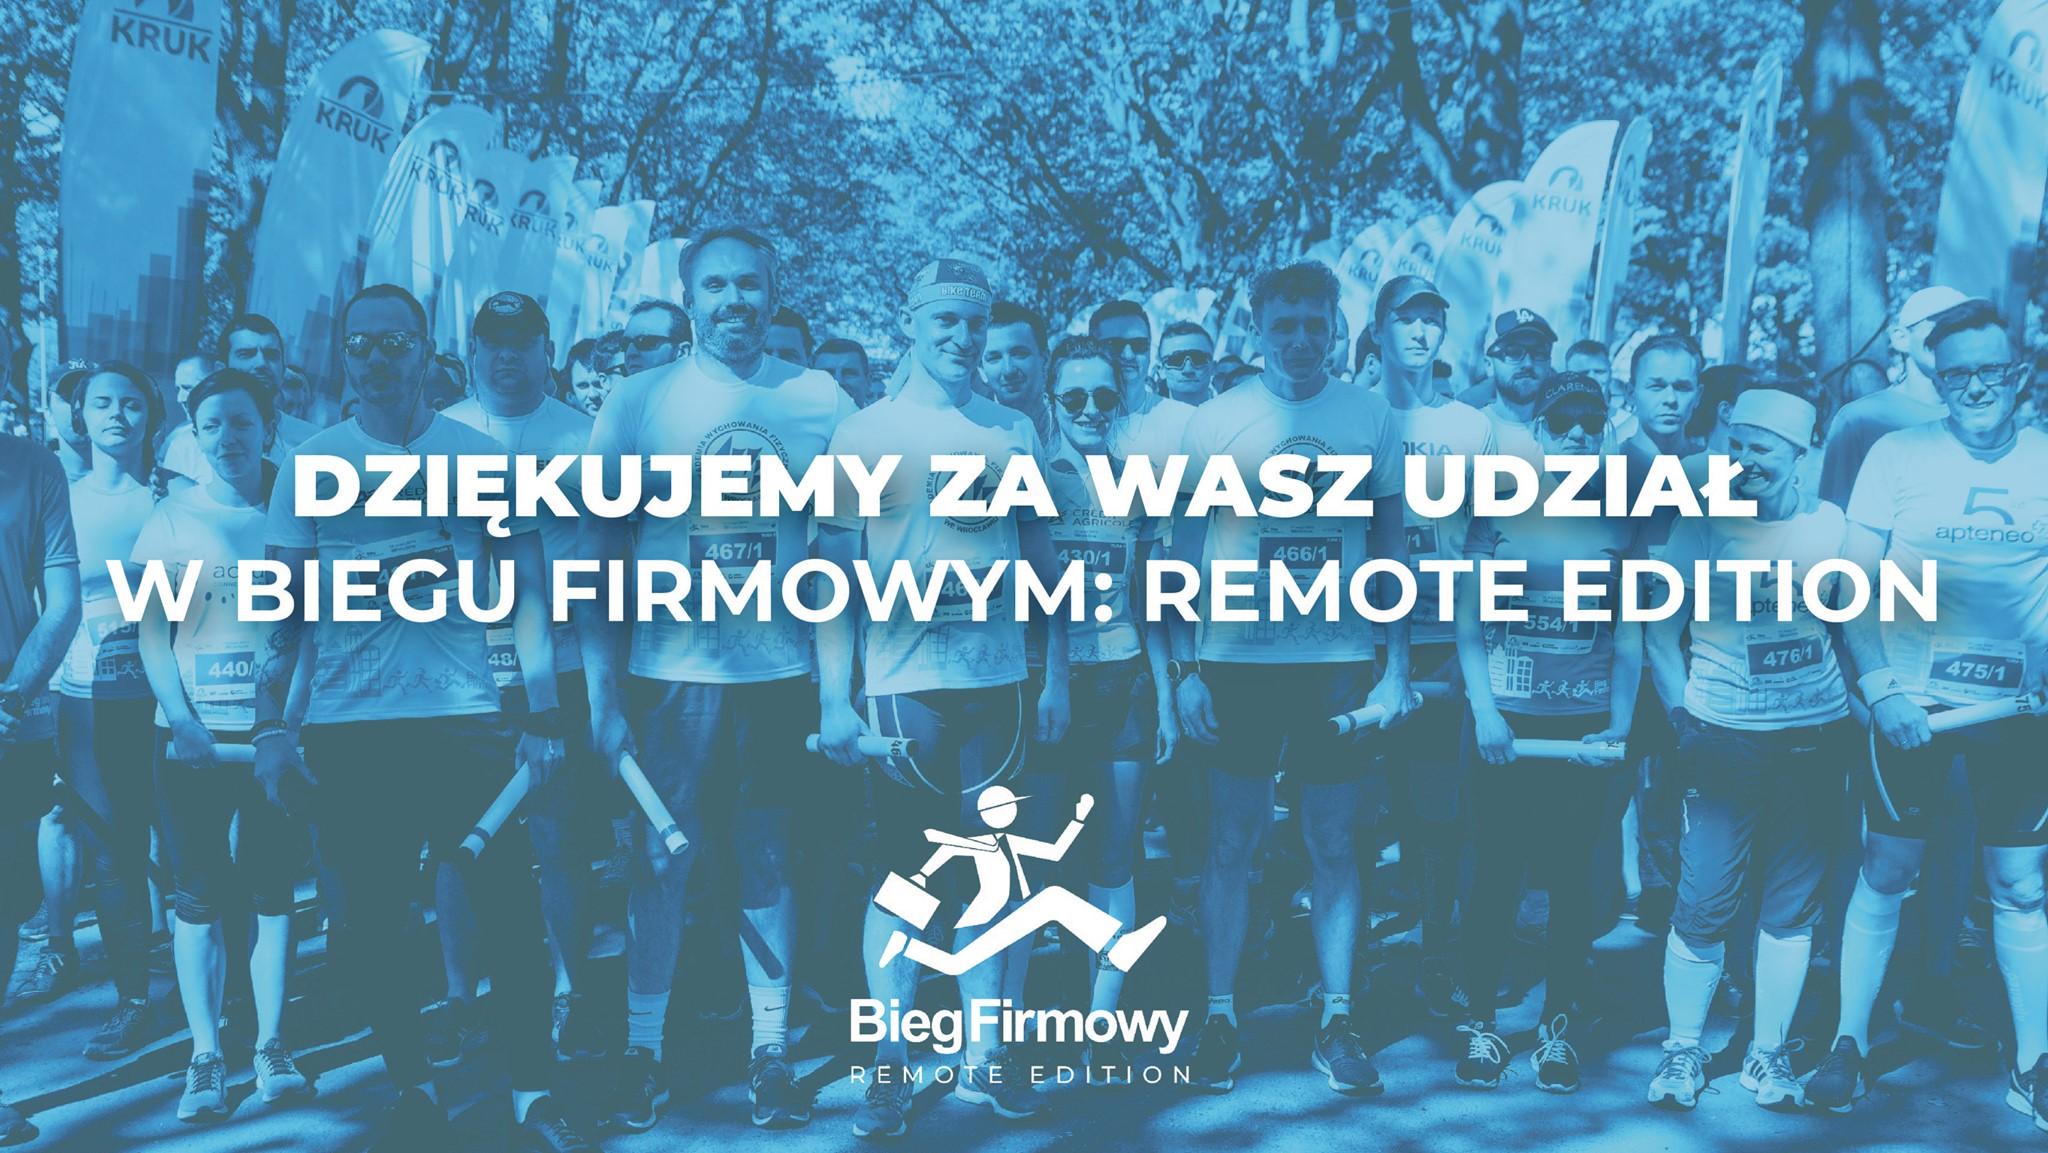 bieg_firmowy